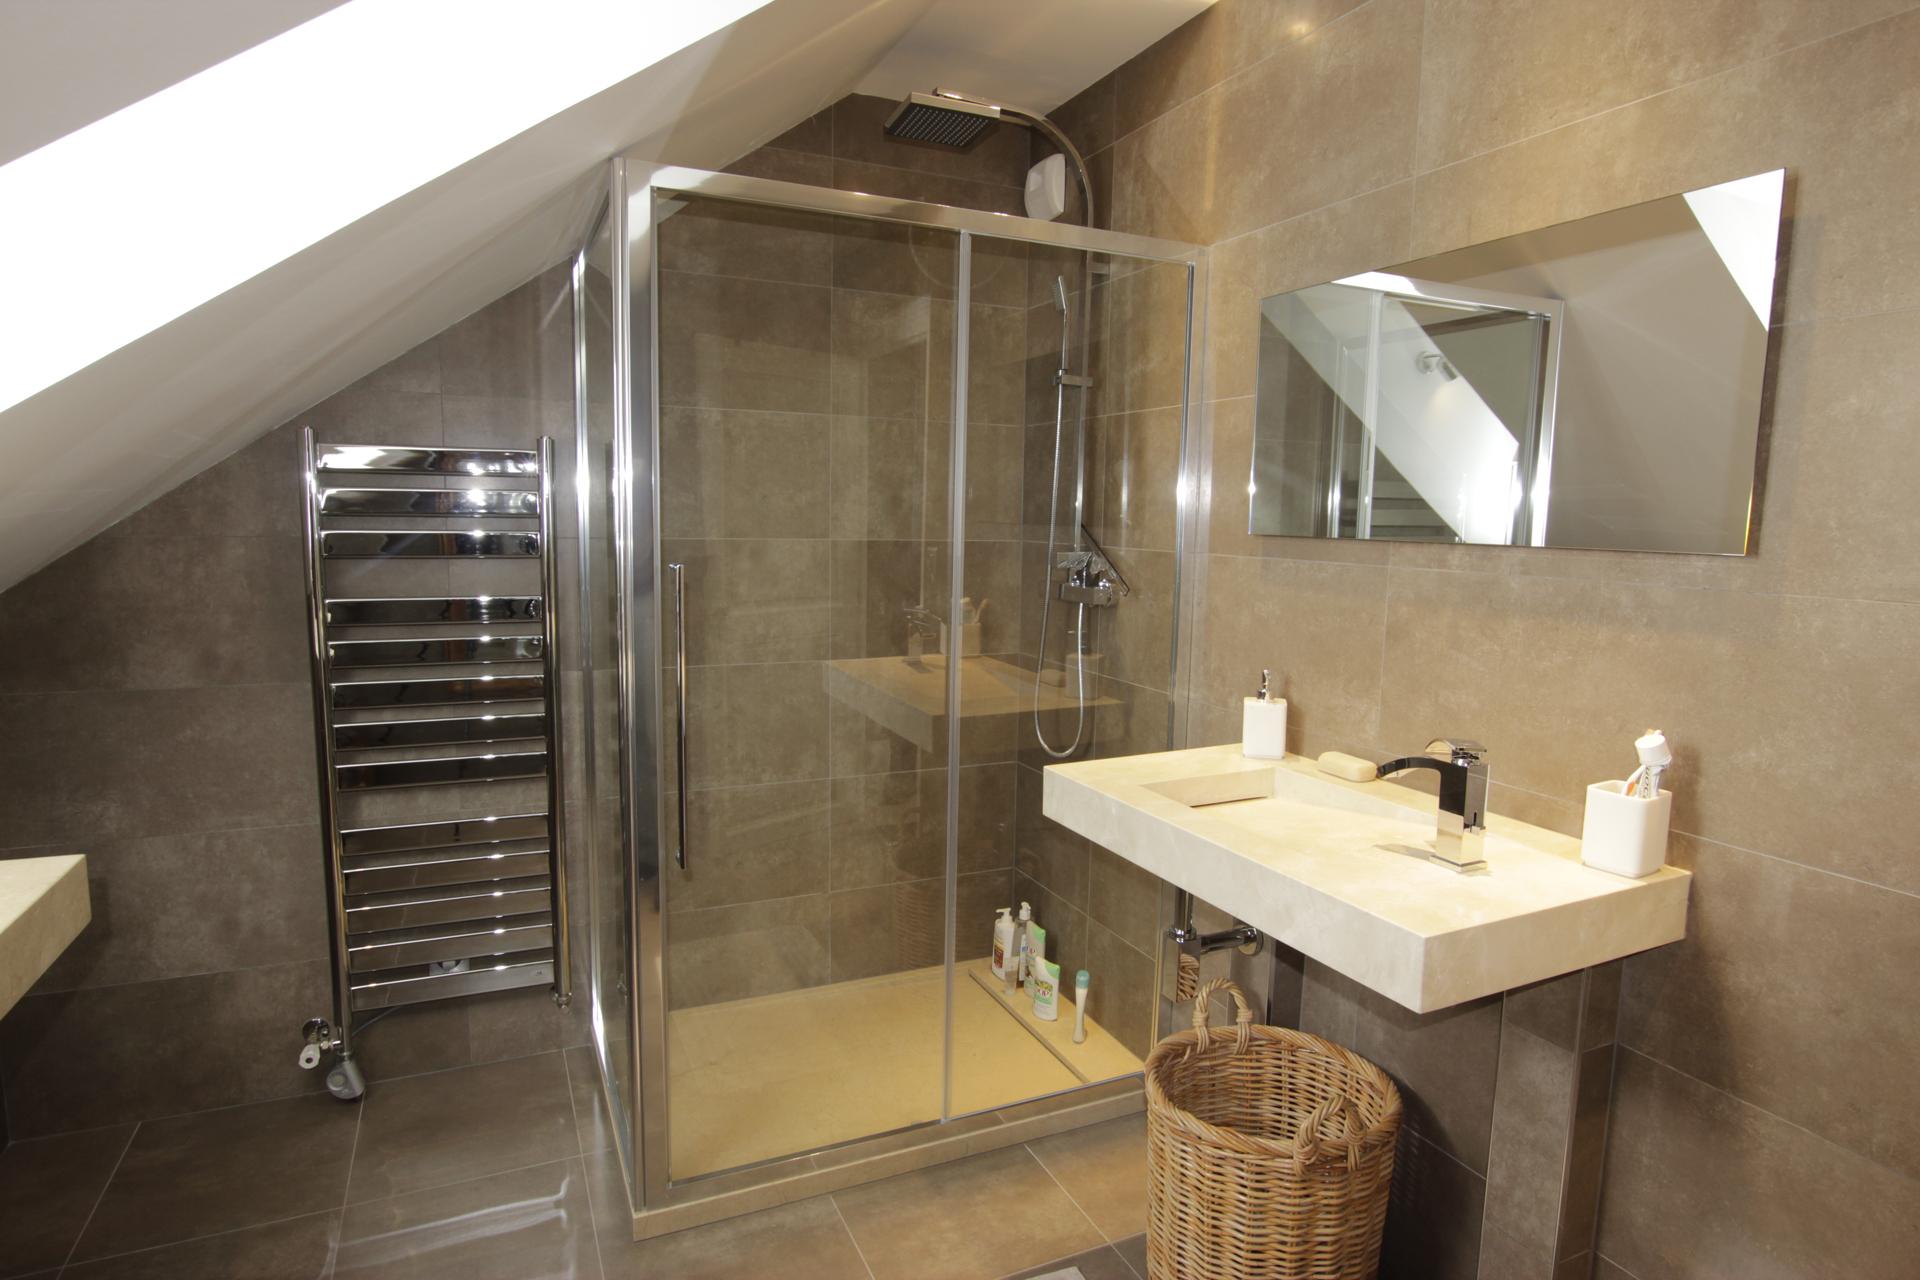 Salle de bain chez particulier jou plomberie chauffage for Plomberie salle de bain conseil